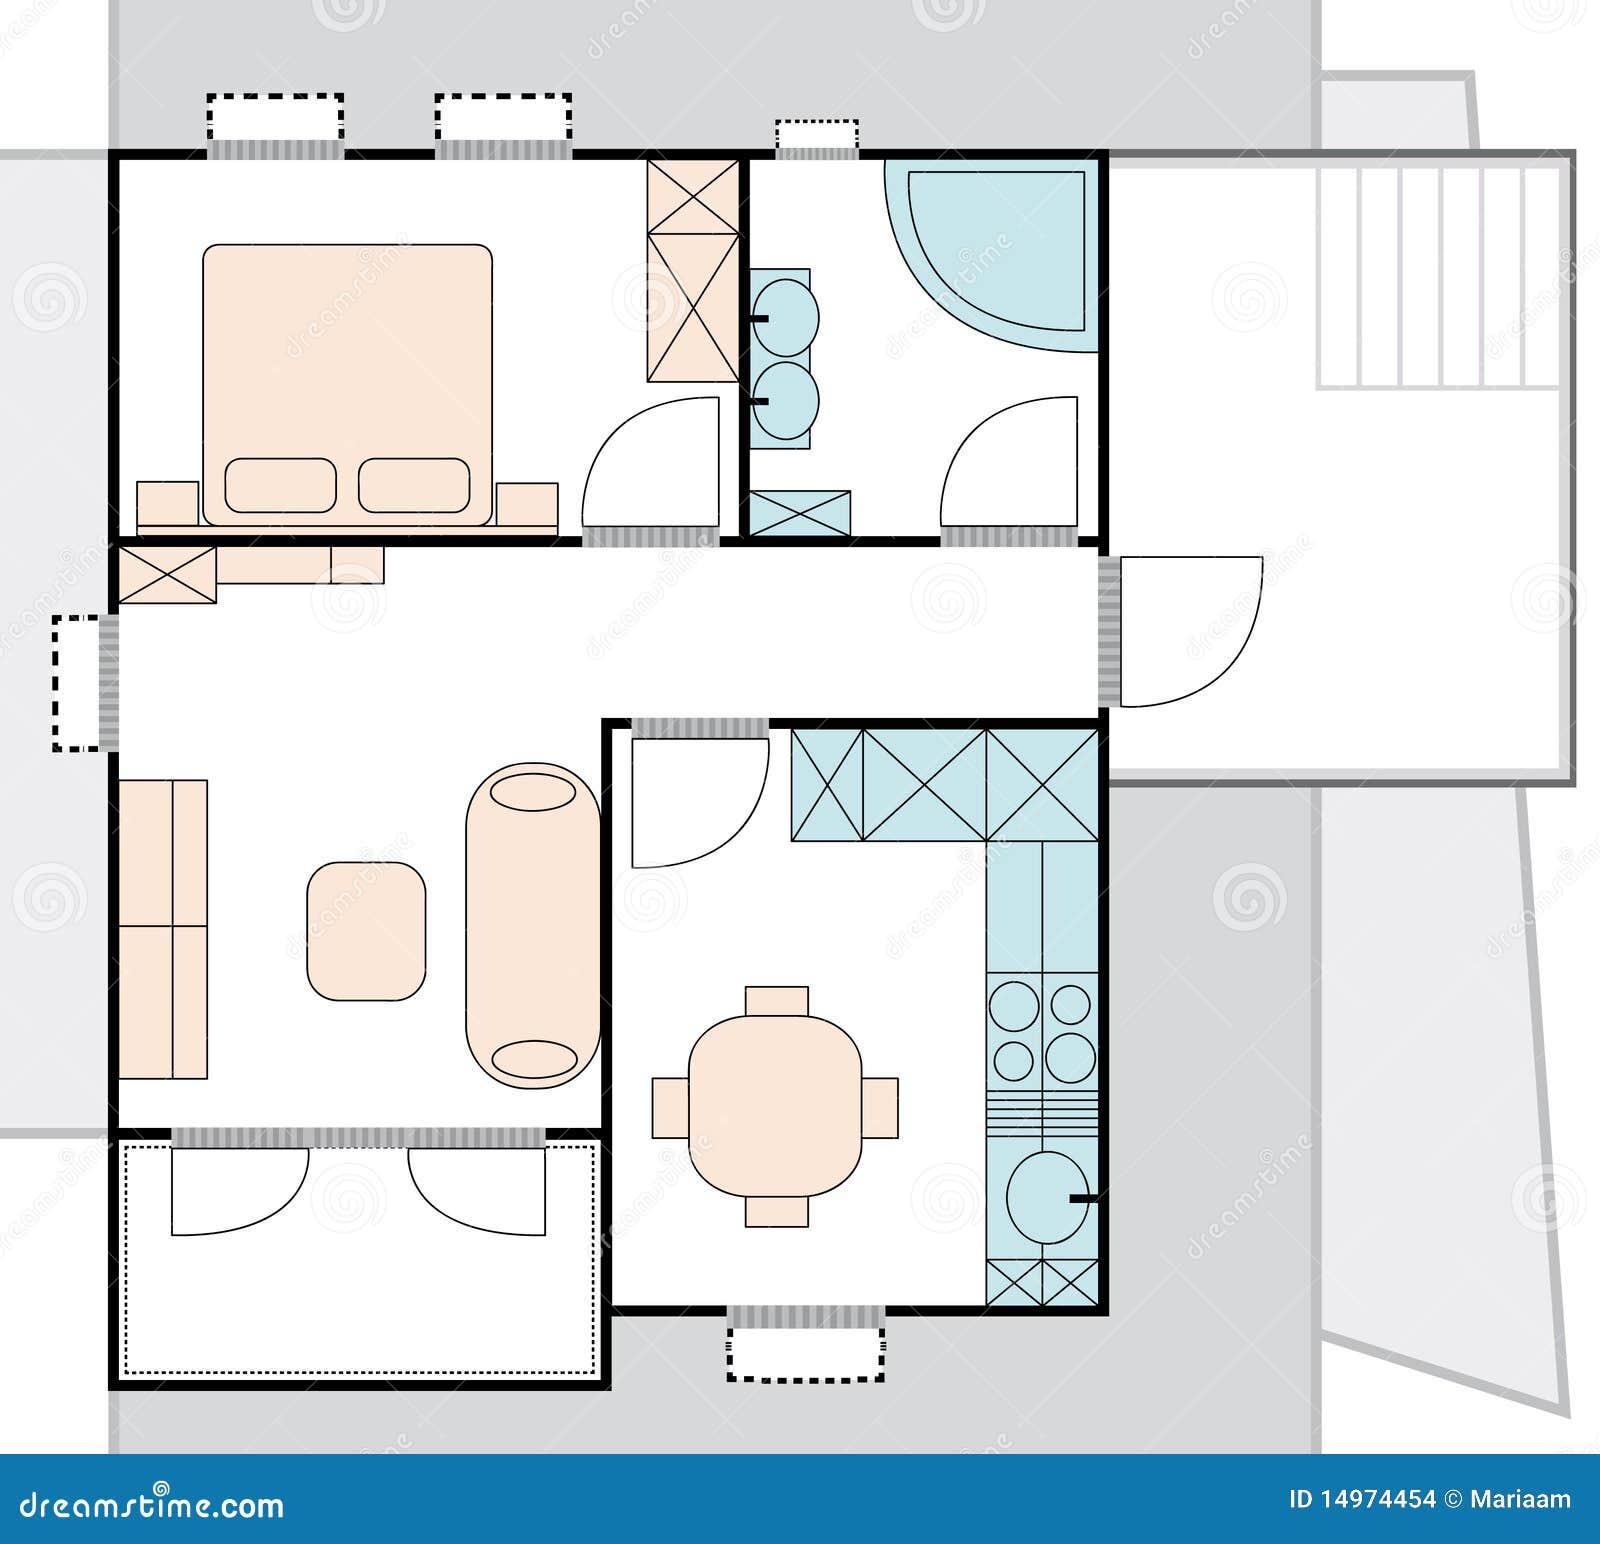 apartamento com sala de visitas quarto cozinha banheiro e balcão #84A724 1300 1271